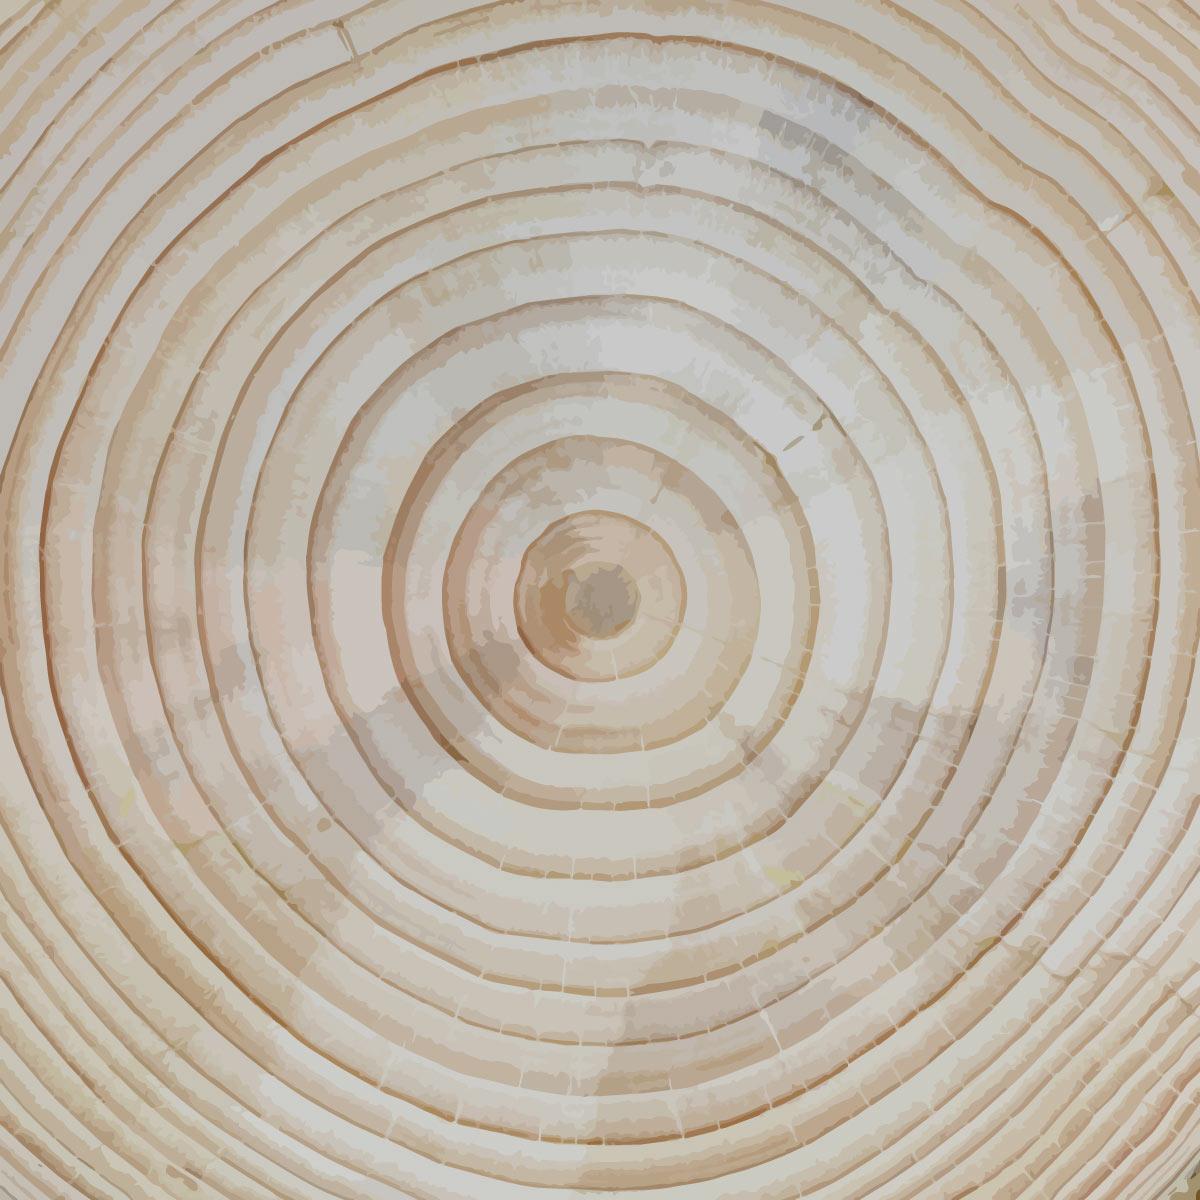 Jahresringe einer Kiefer, aus: Jahresringstruktur als Baum- und Lebenssymbol